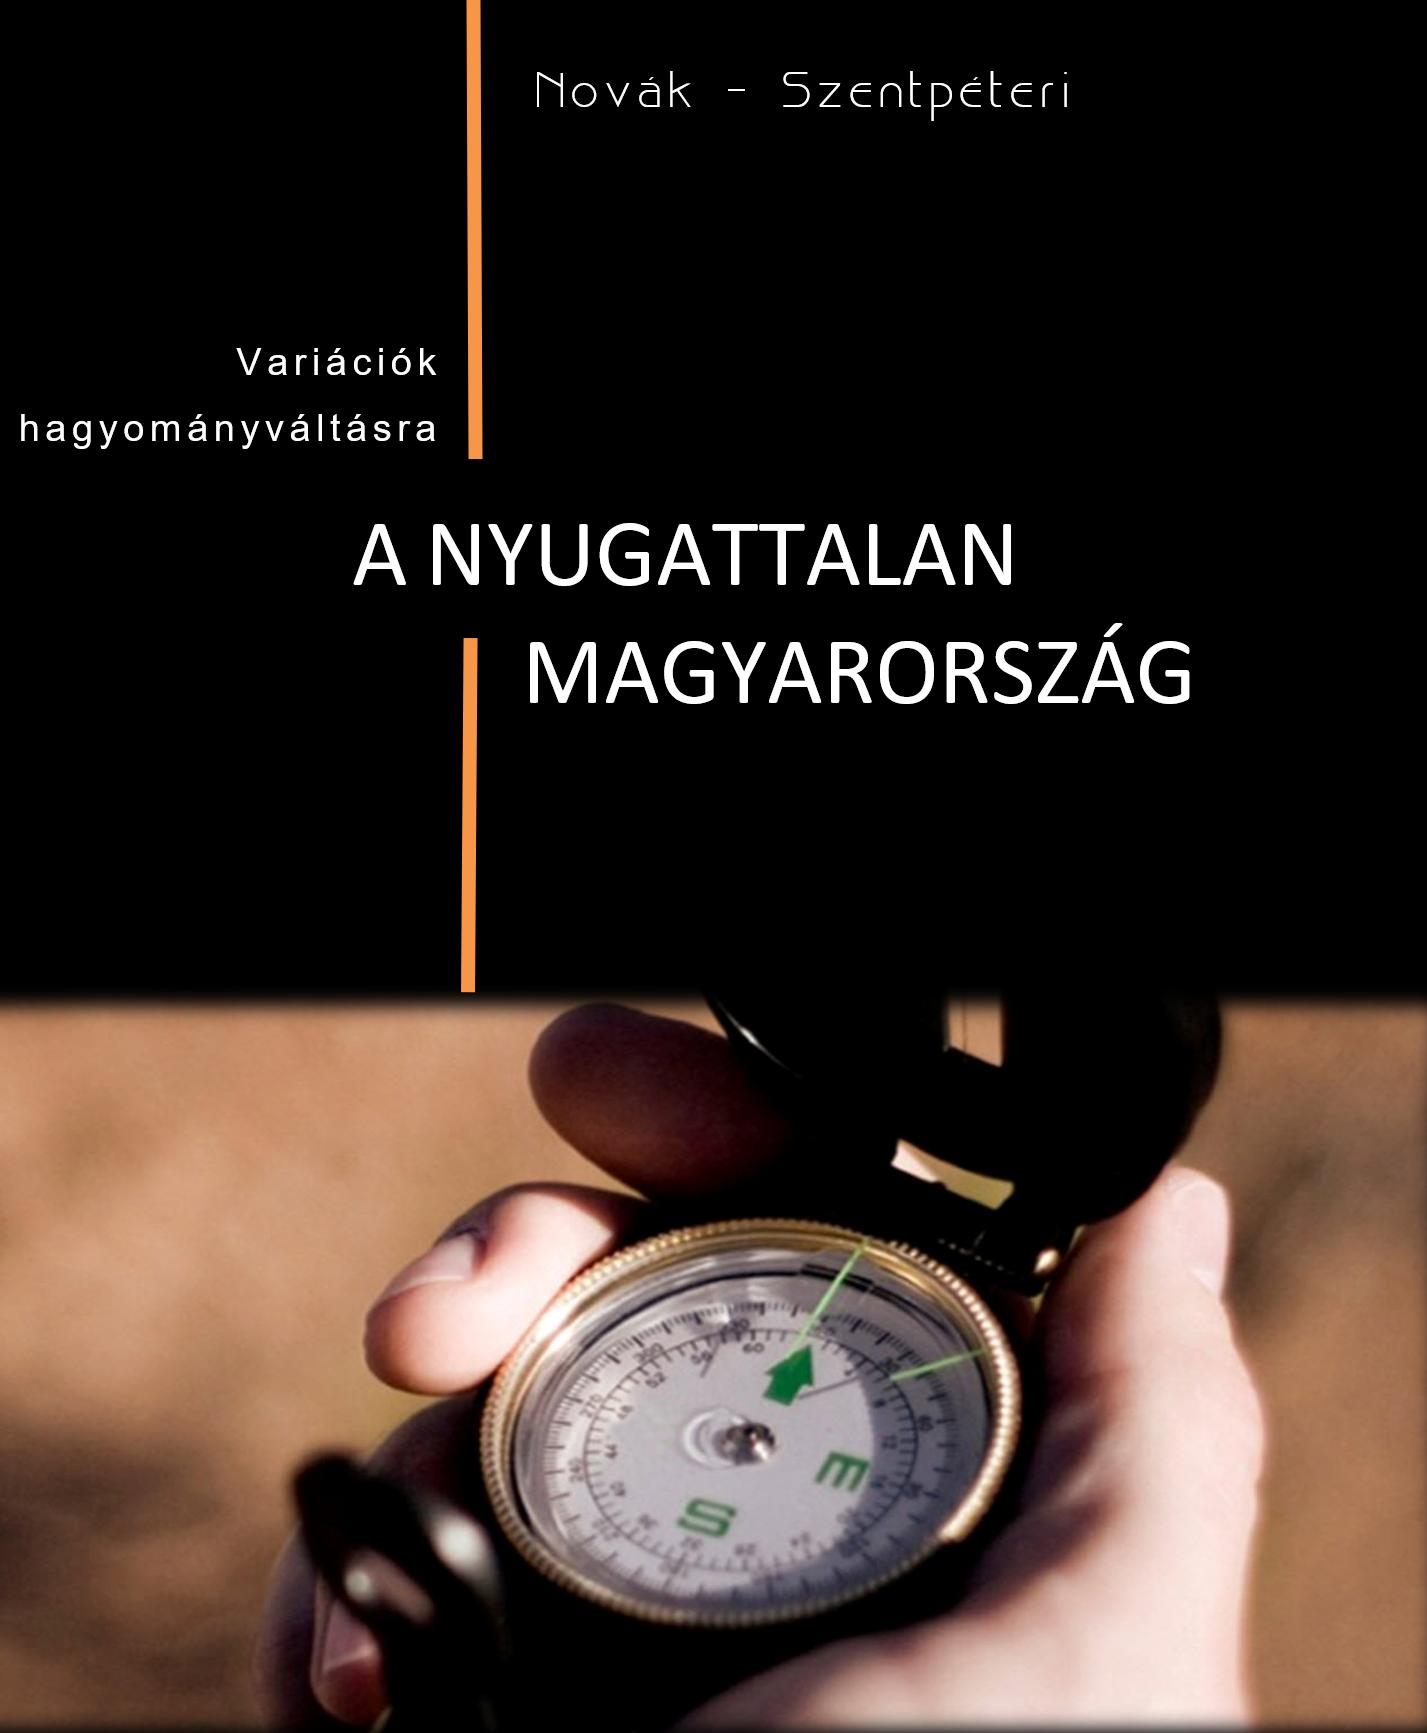 A nyugattalan Magyarország